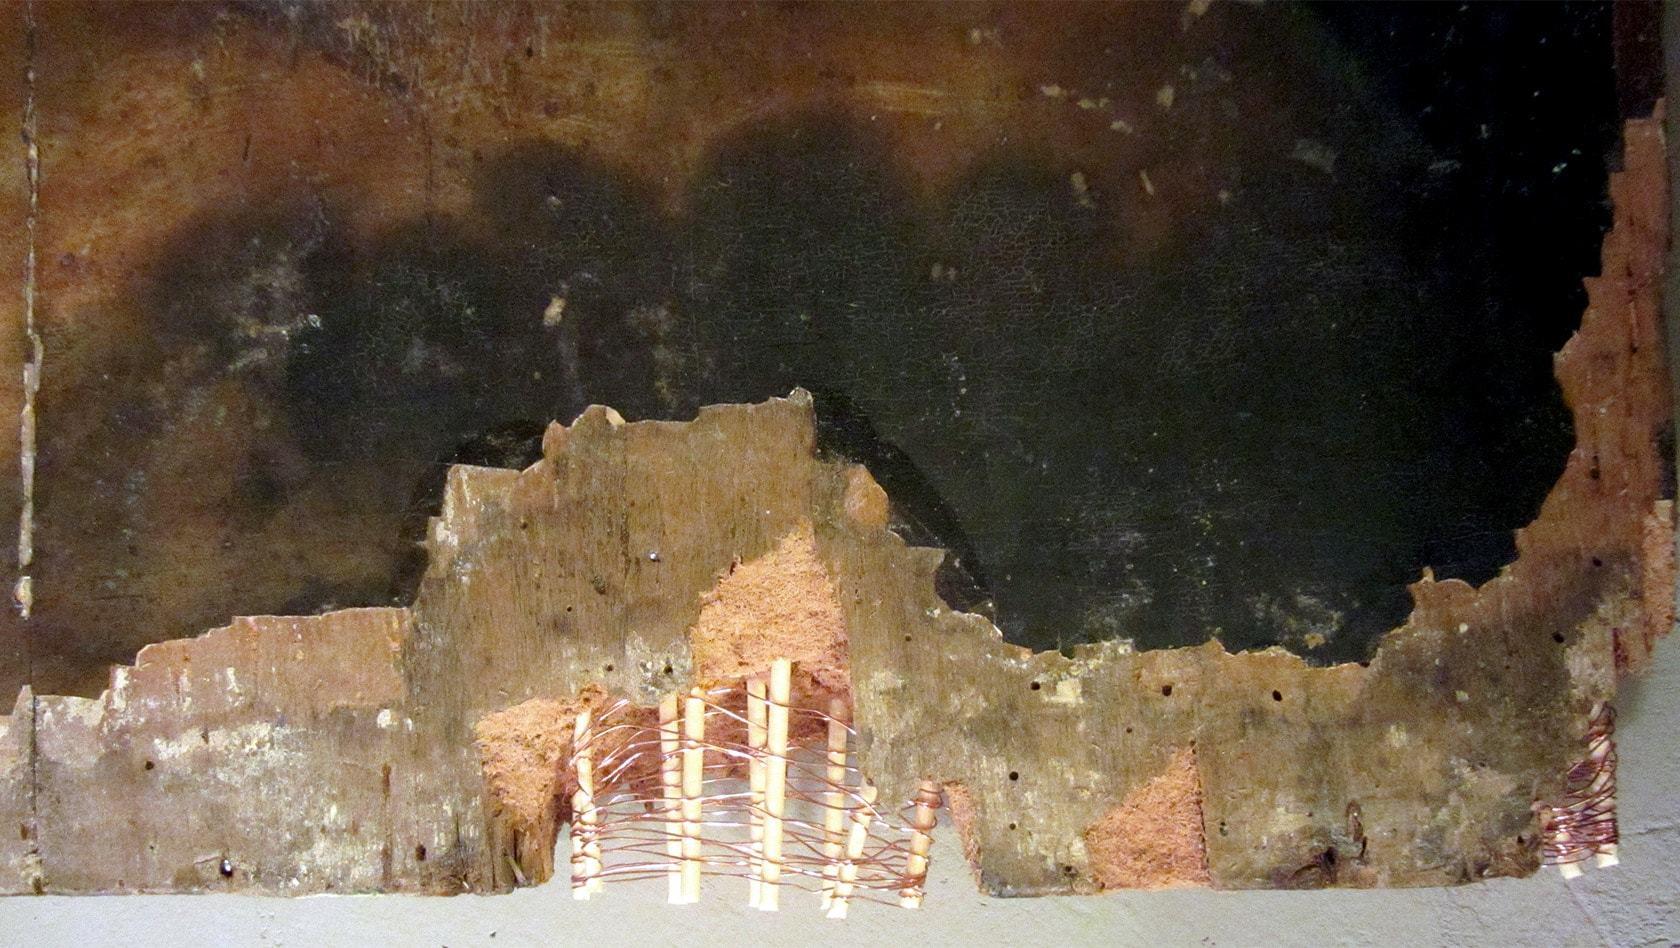 Реставрация икон, Спаситель , реставрация икон, реставрация старых икон, реставрация иконы Христа, реставрация икон этапы, реставрация иконы фото до и после